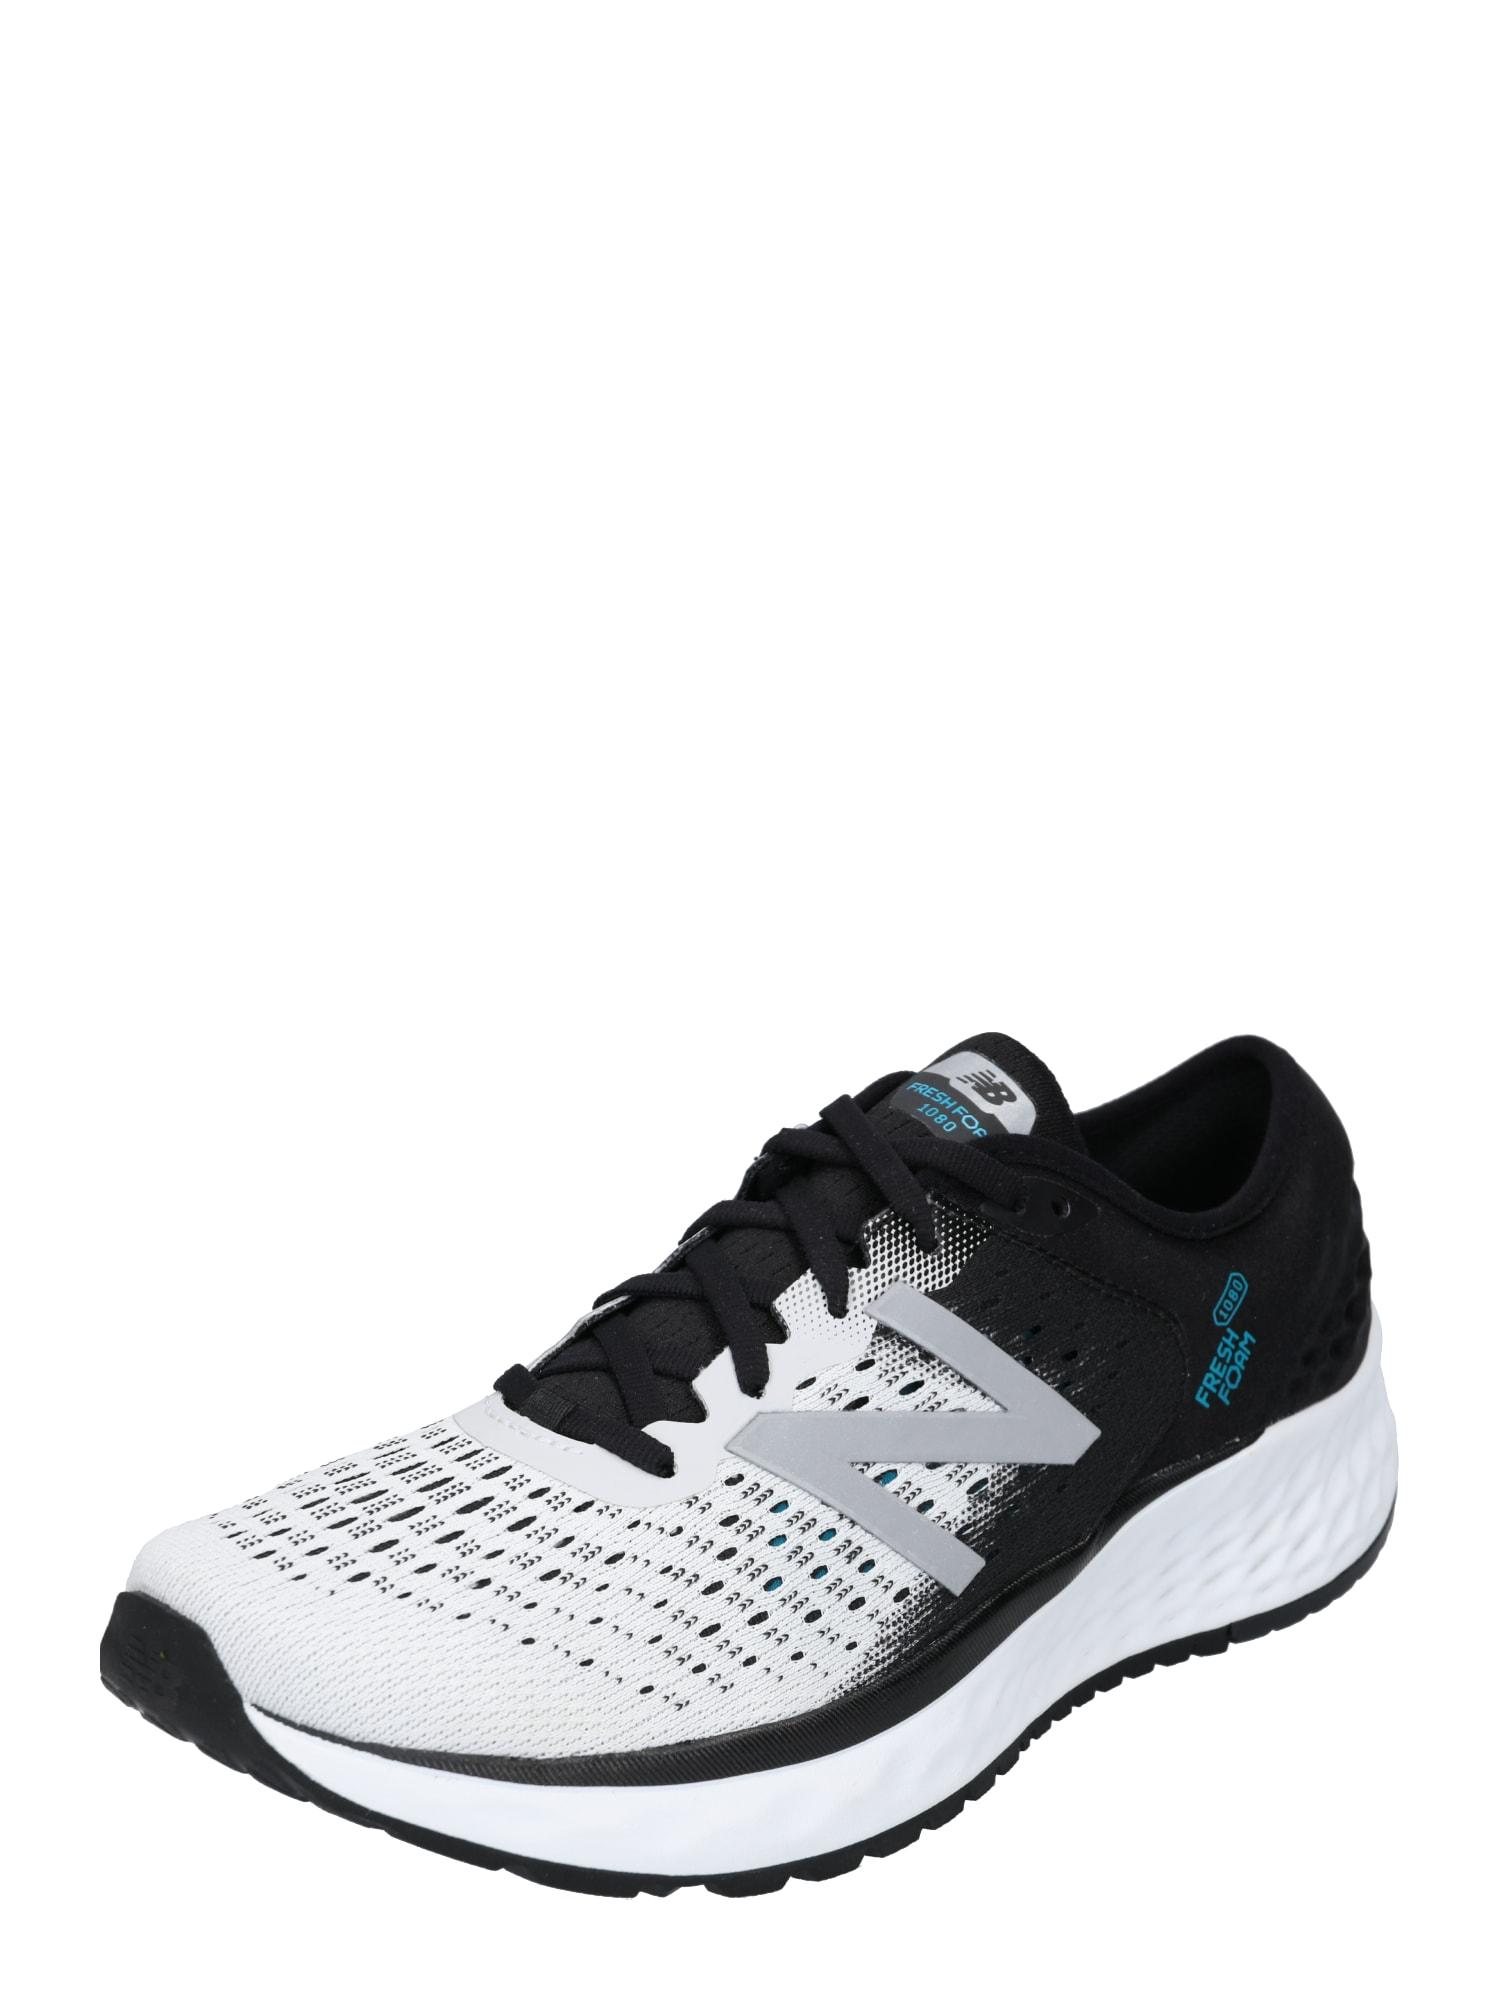 Sportovní boty M1080WB9 černá bílá New Balance